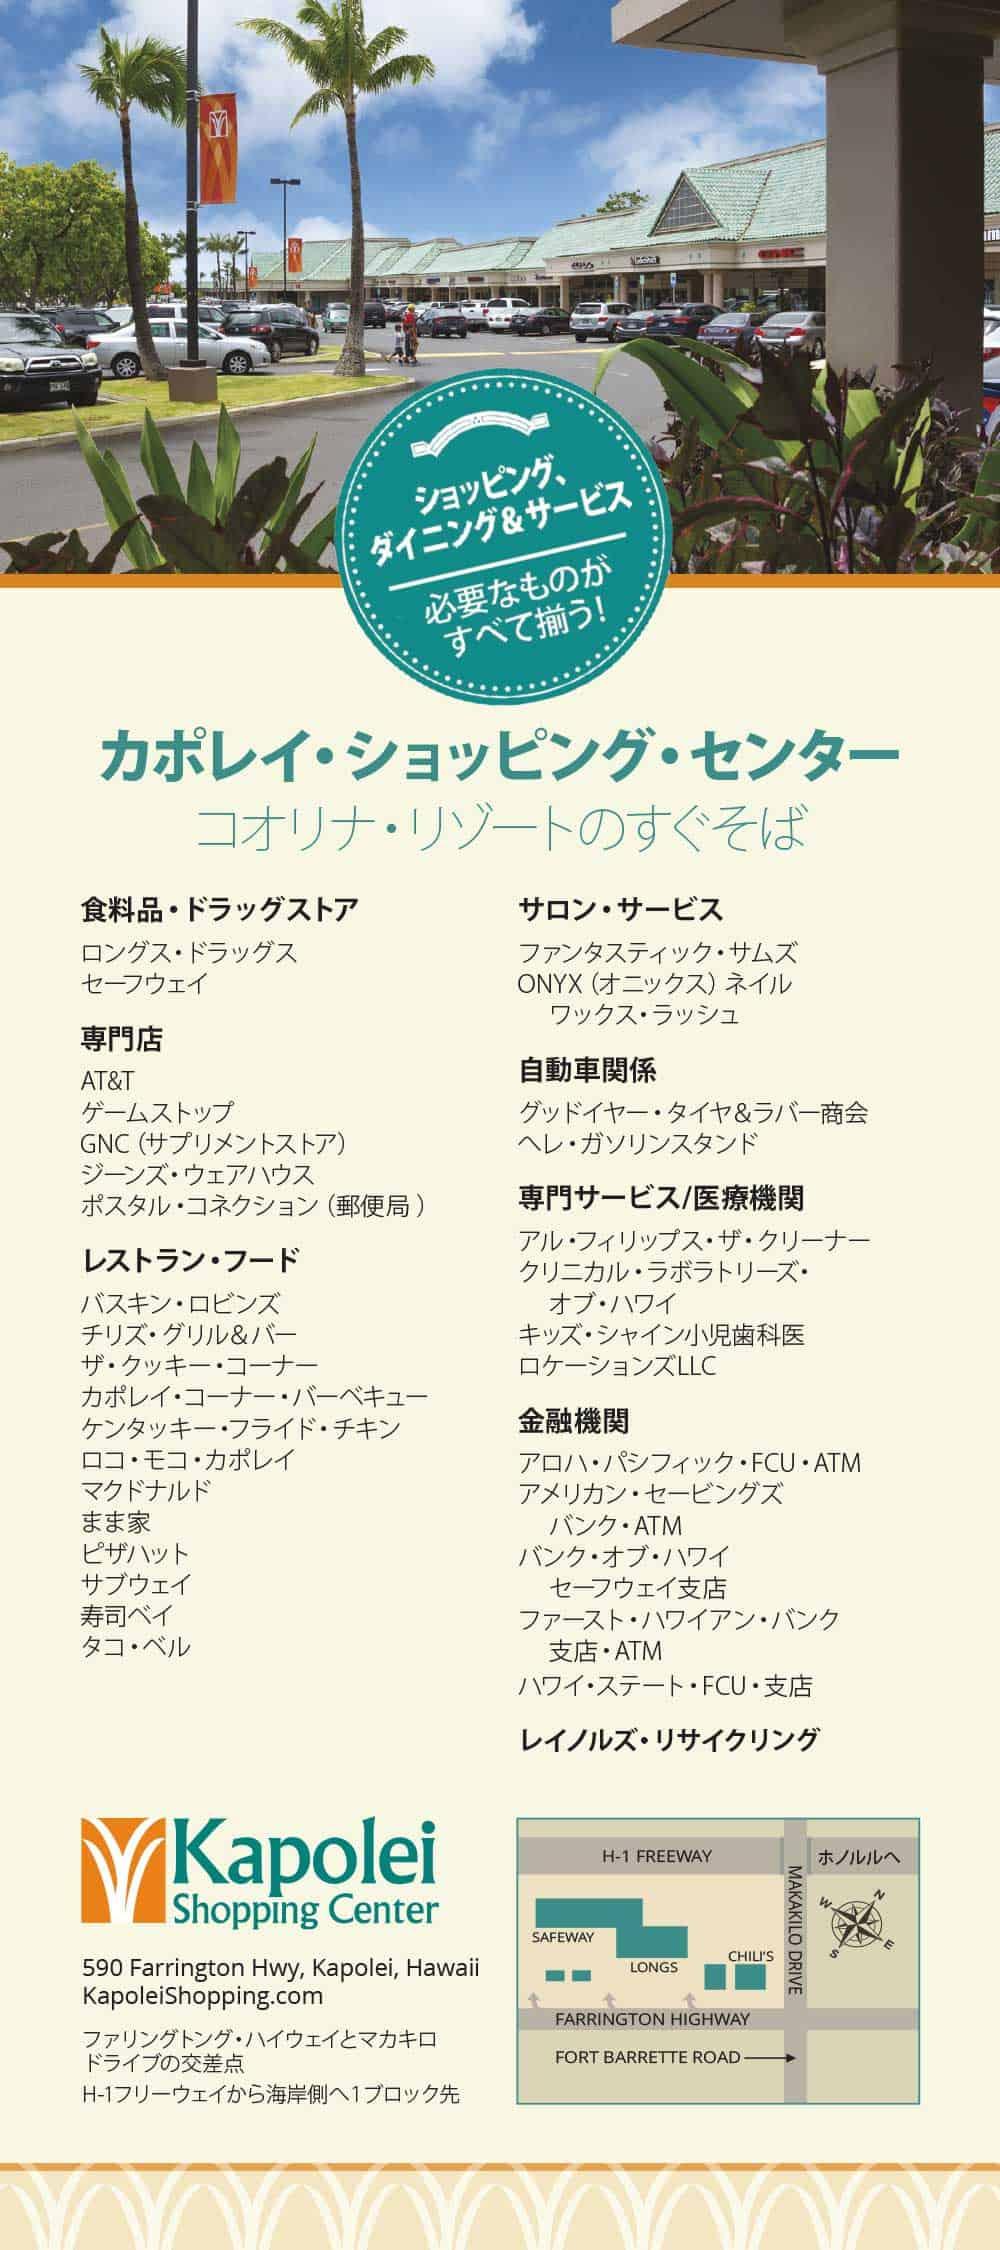 Kapolei Shopping Center info in Japanese